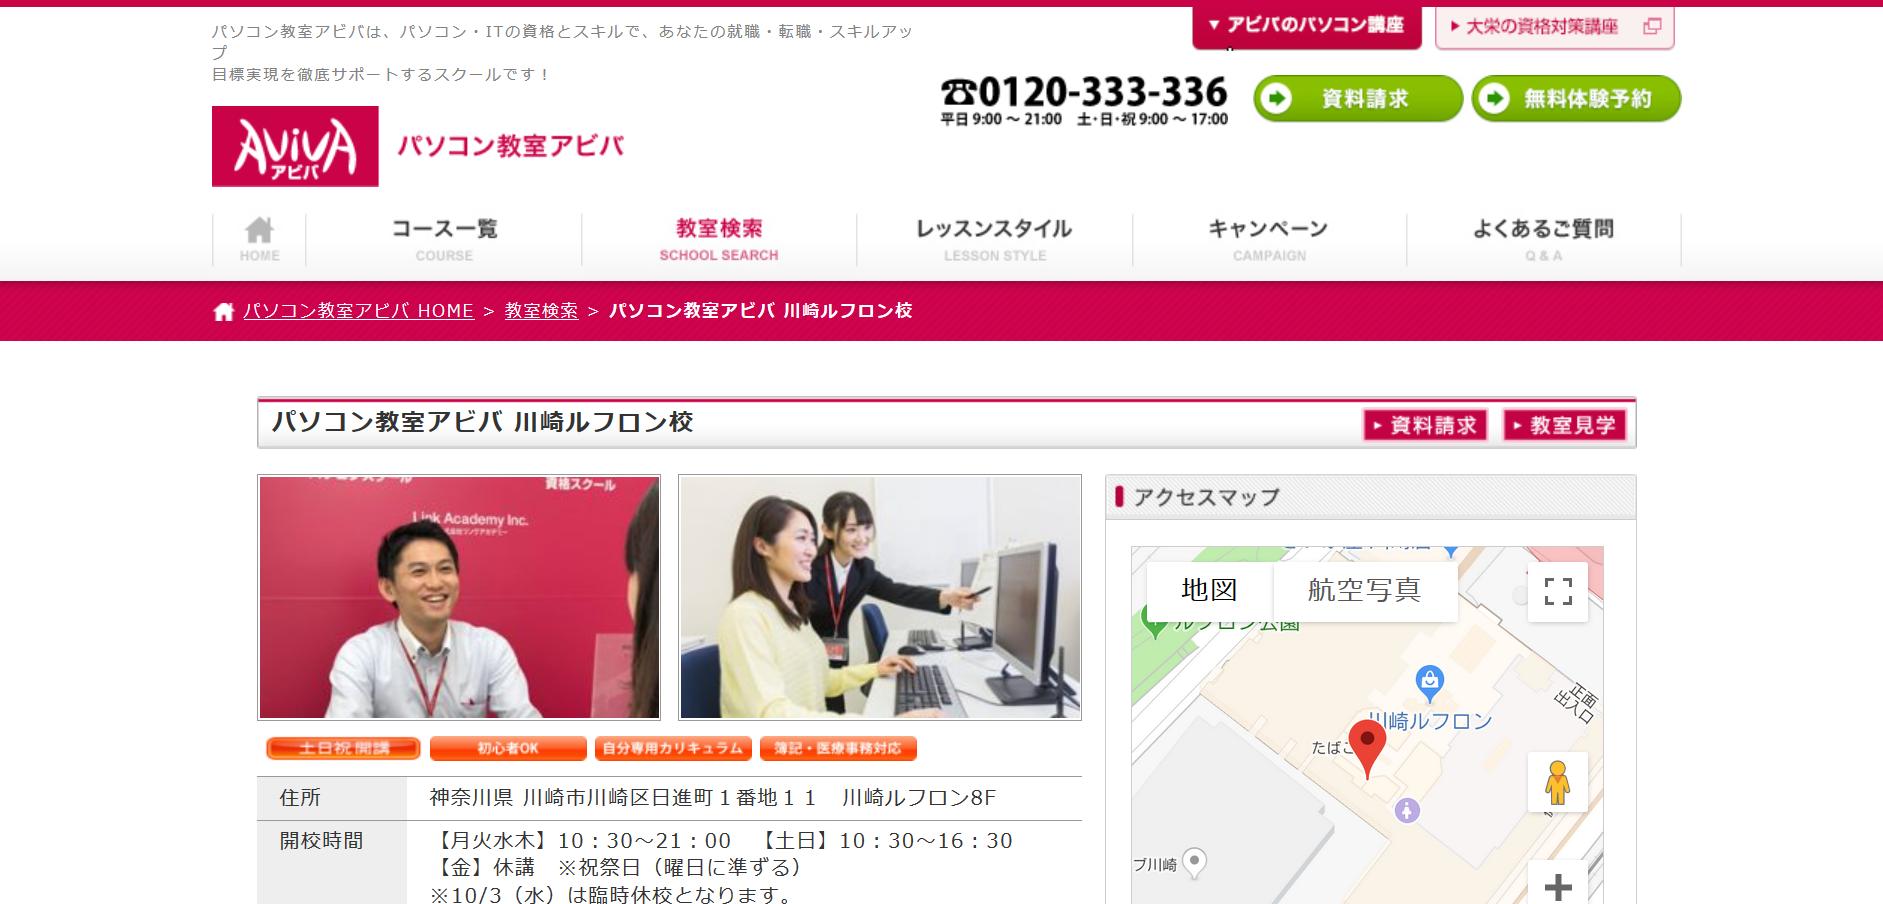 パソコン教室アビバ 川崎ルフロン校の評判・口コミ